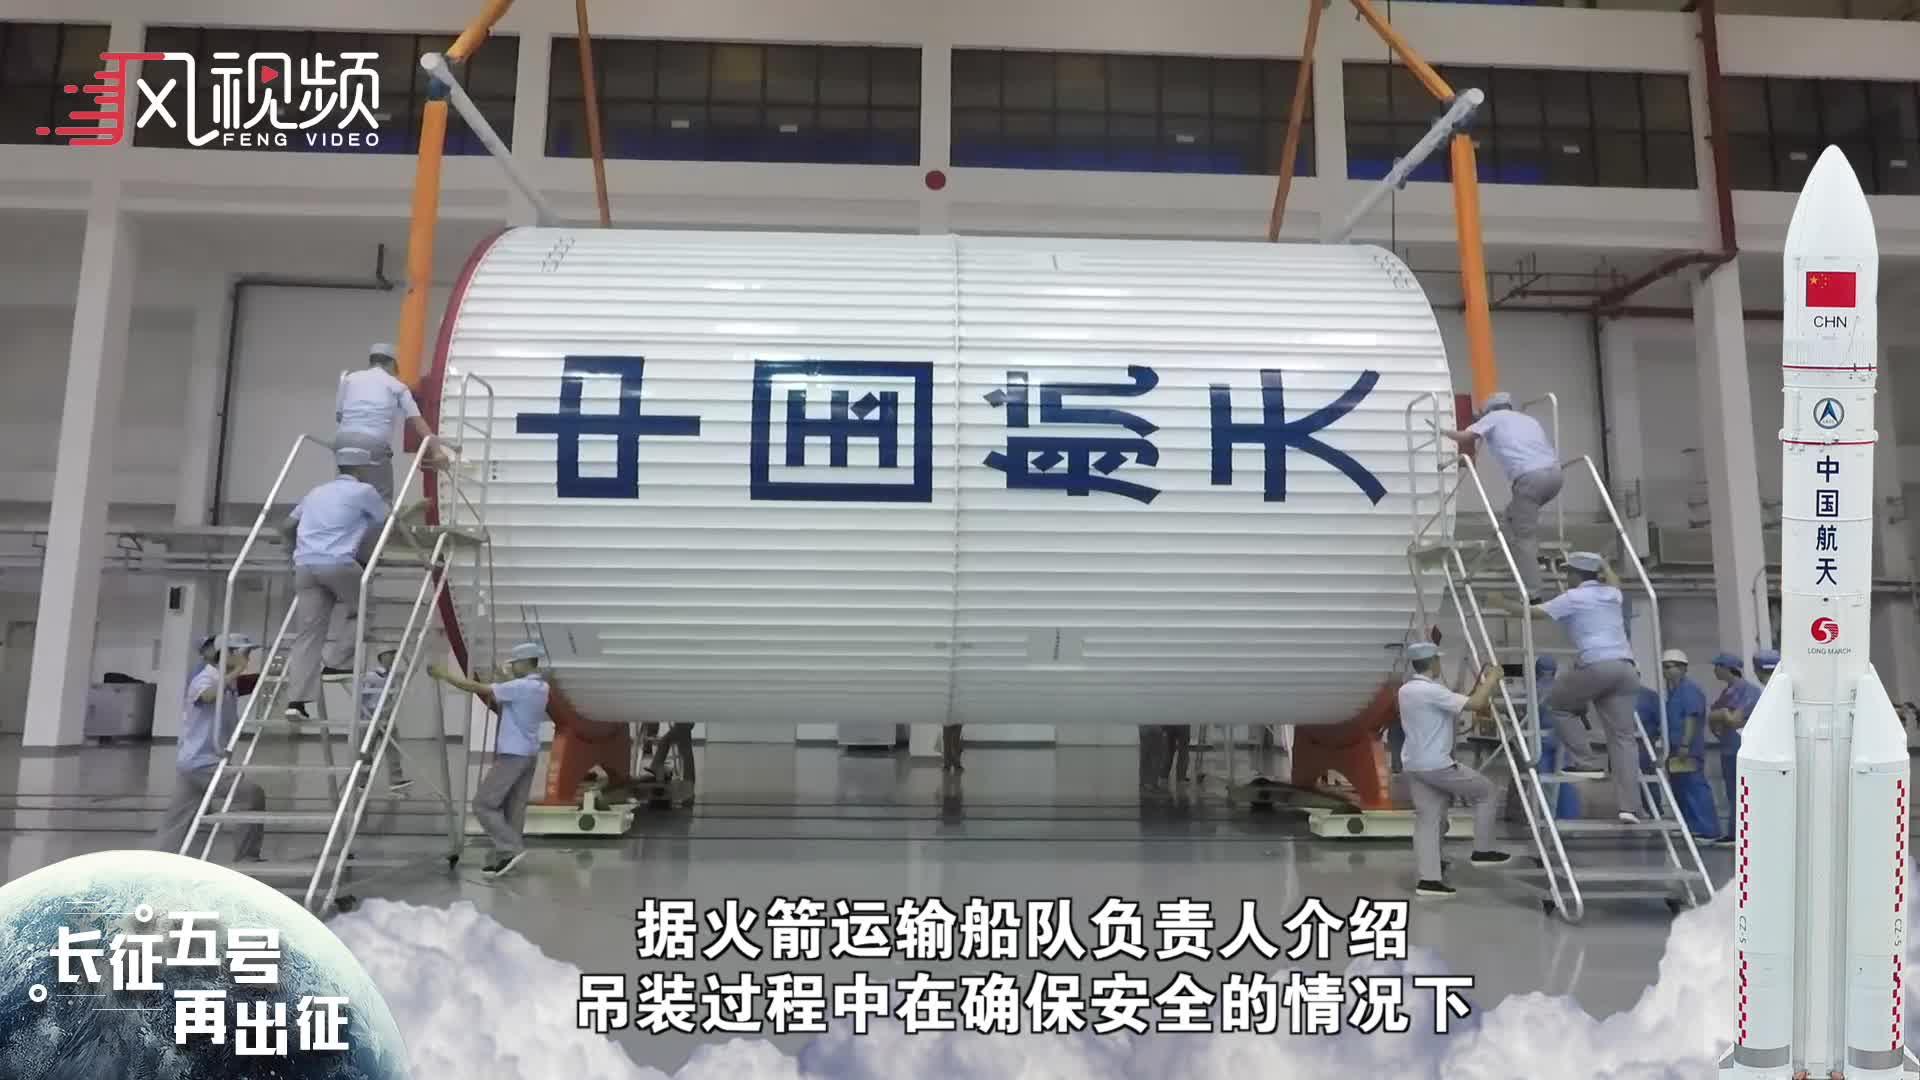 静待出征!长征五号遥三运载火箭运抵海南文昌 吊装全程曝光